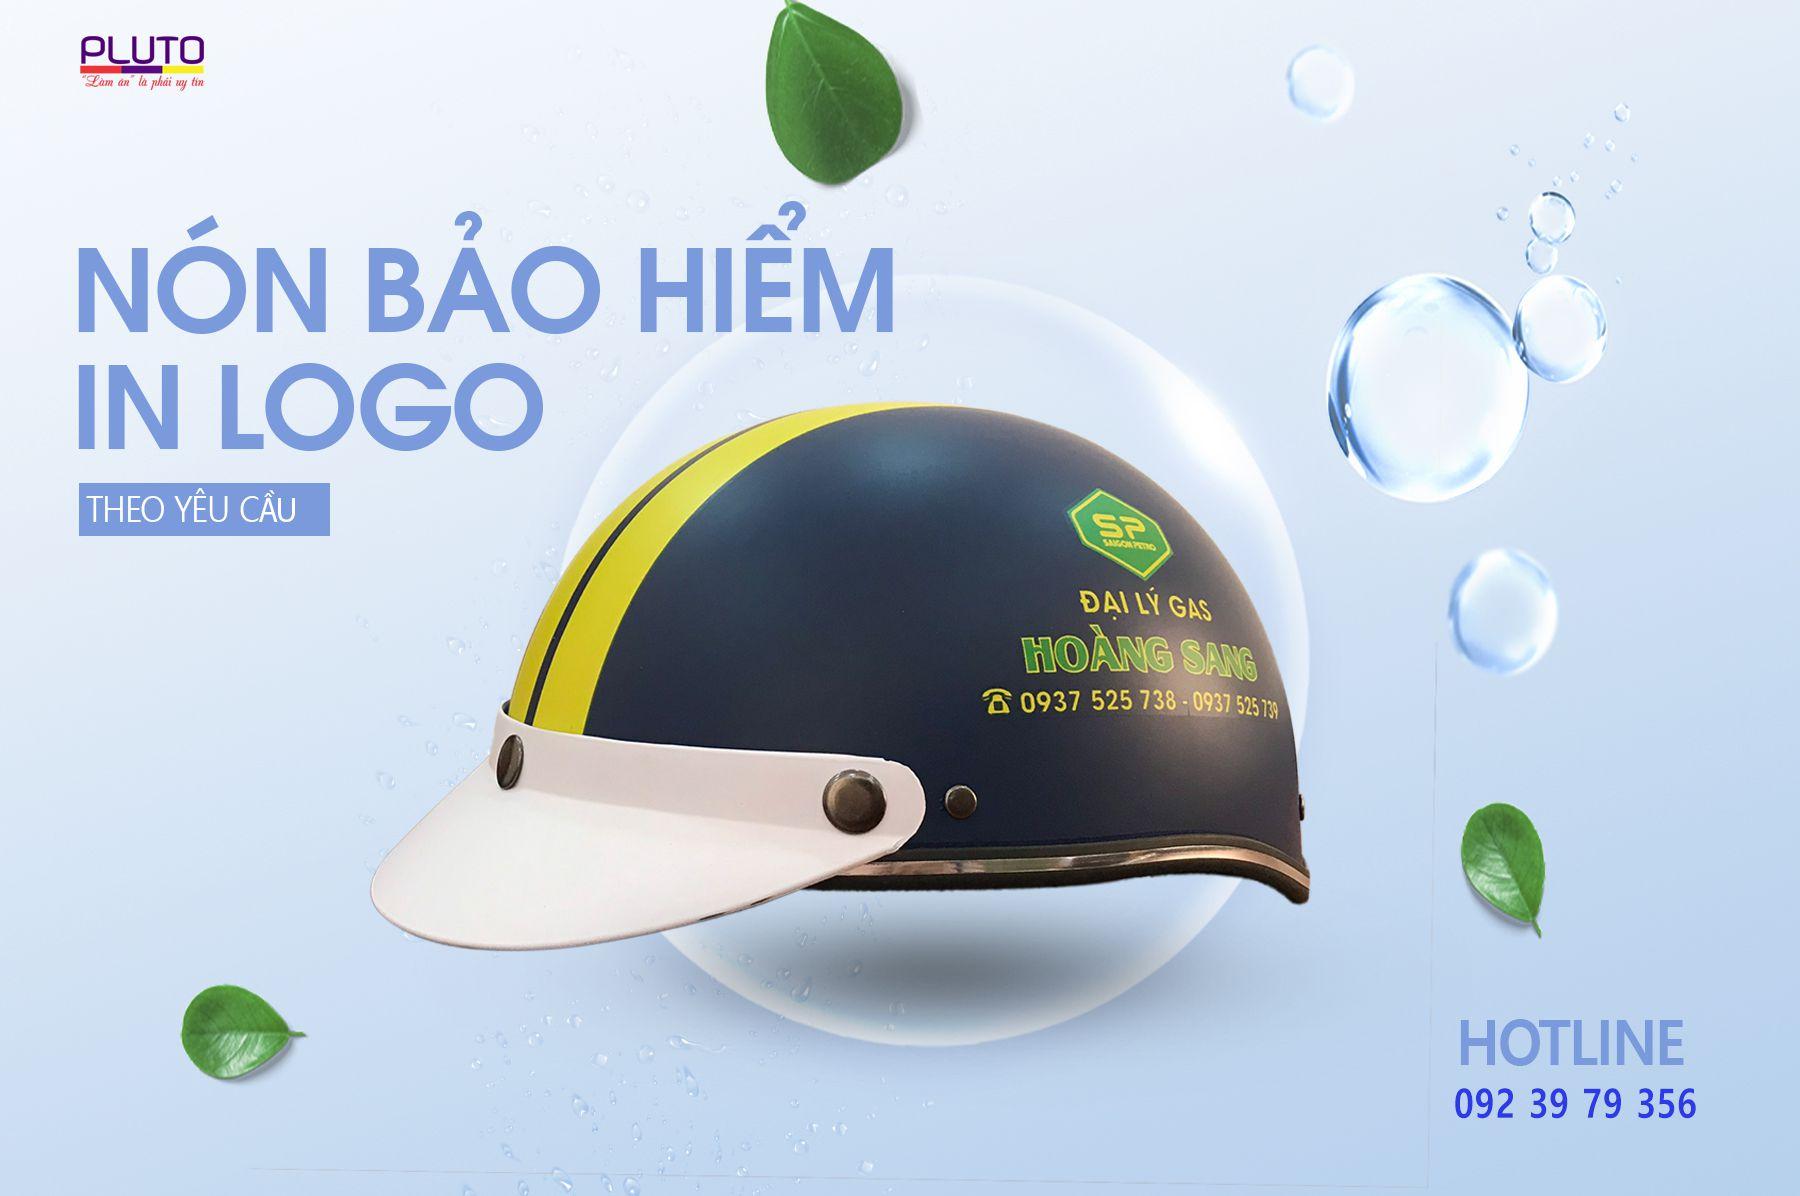 Mũ Bảo Hiểm In Logo 090121 2 1196.1800 356